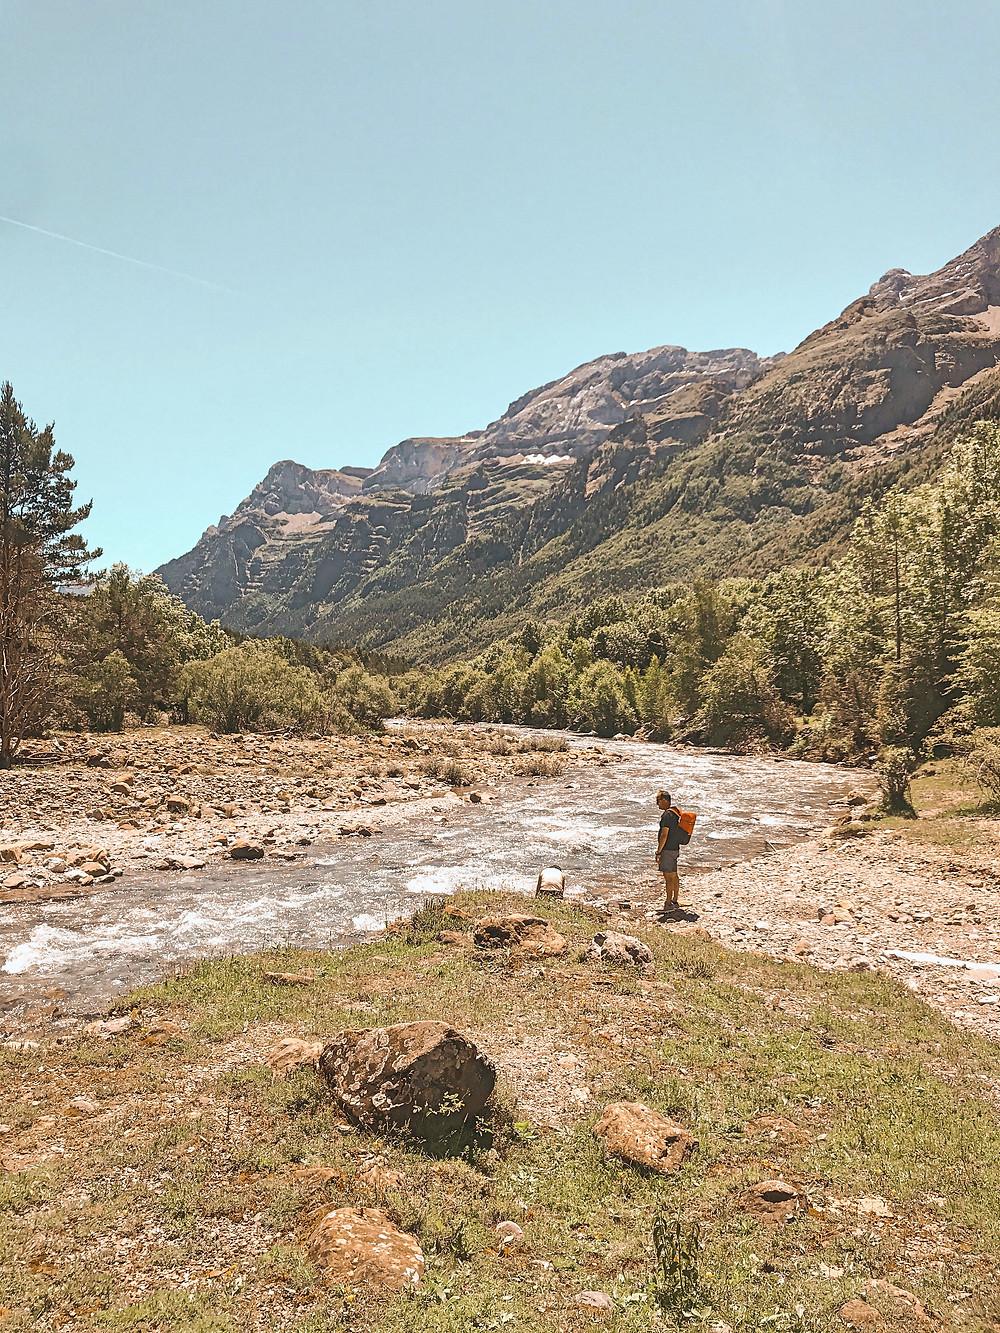 montaña, naturaleza, paisaje, río, Aragón, vistas, Pirineo